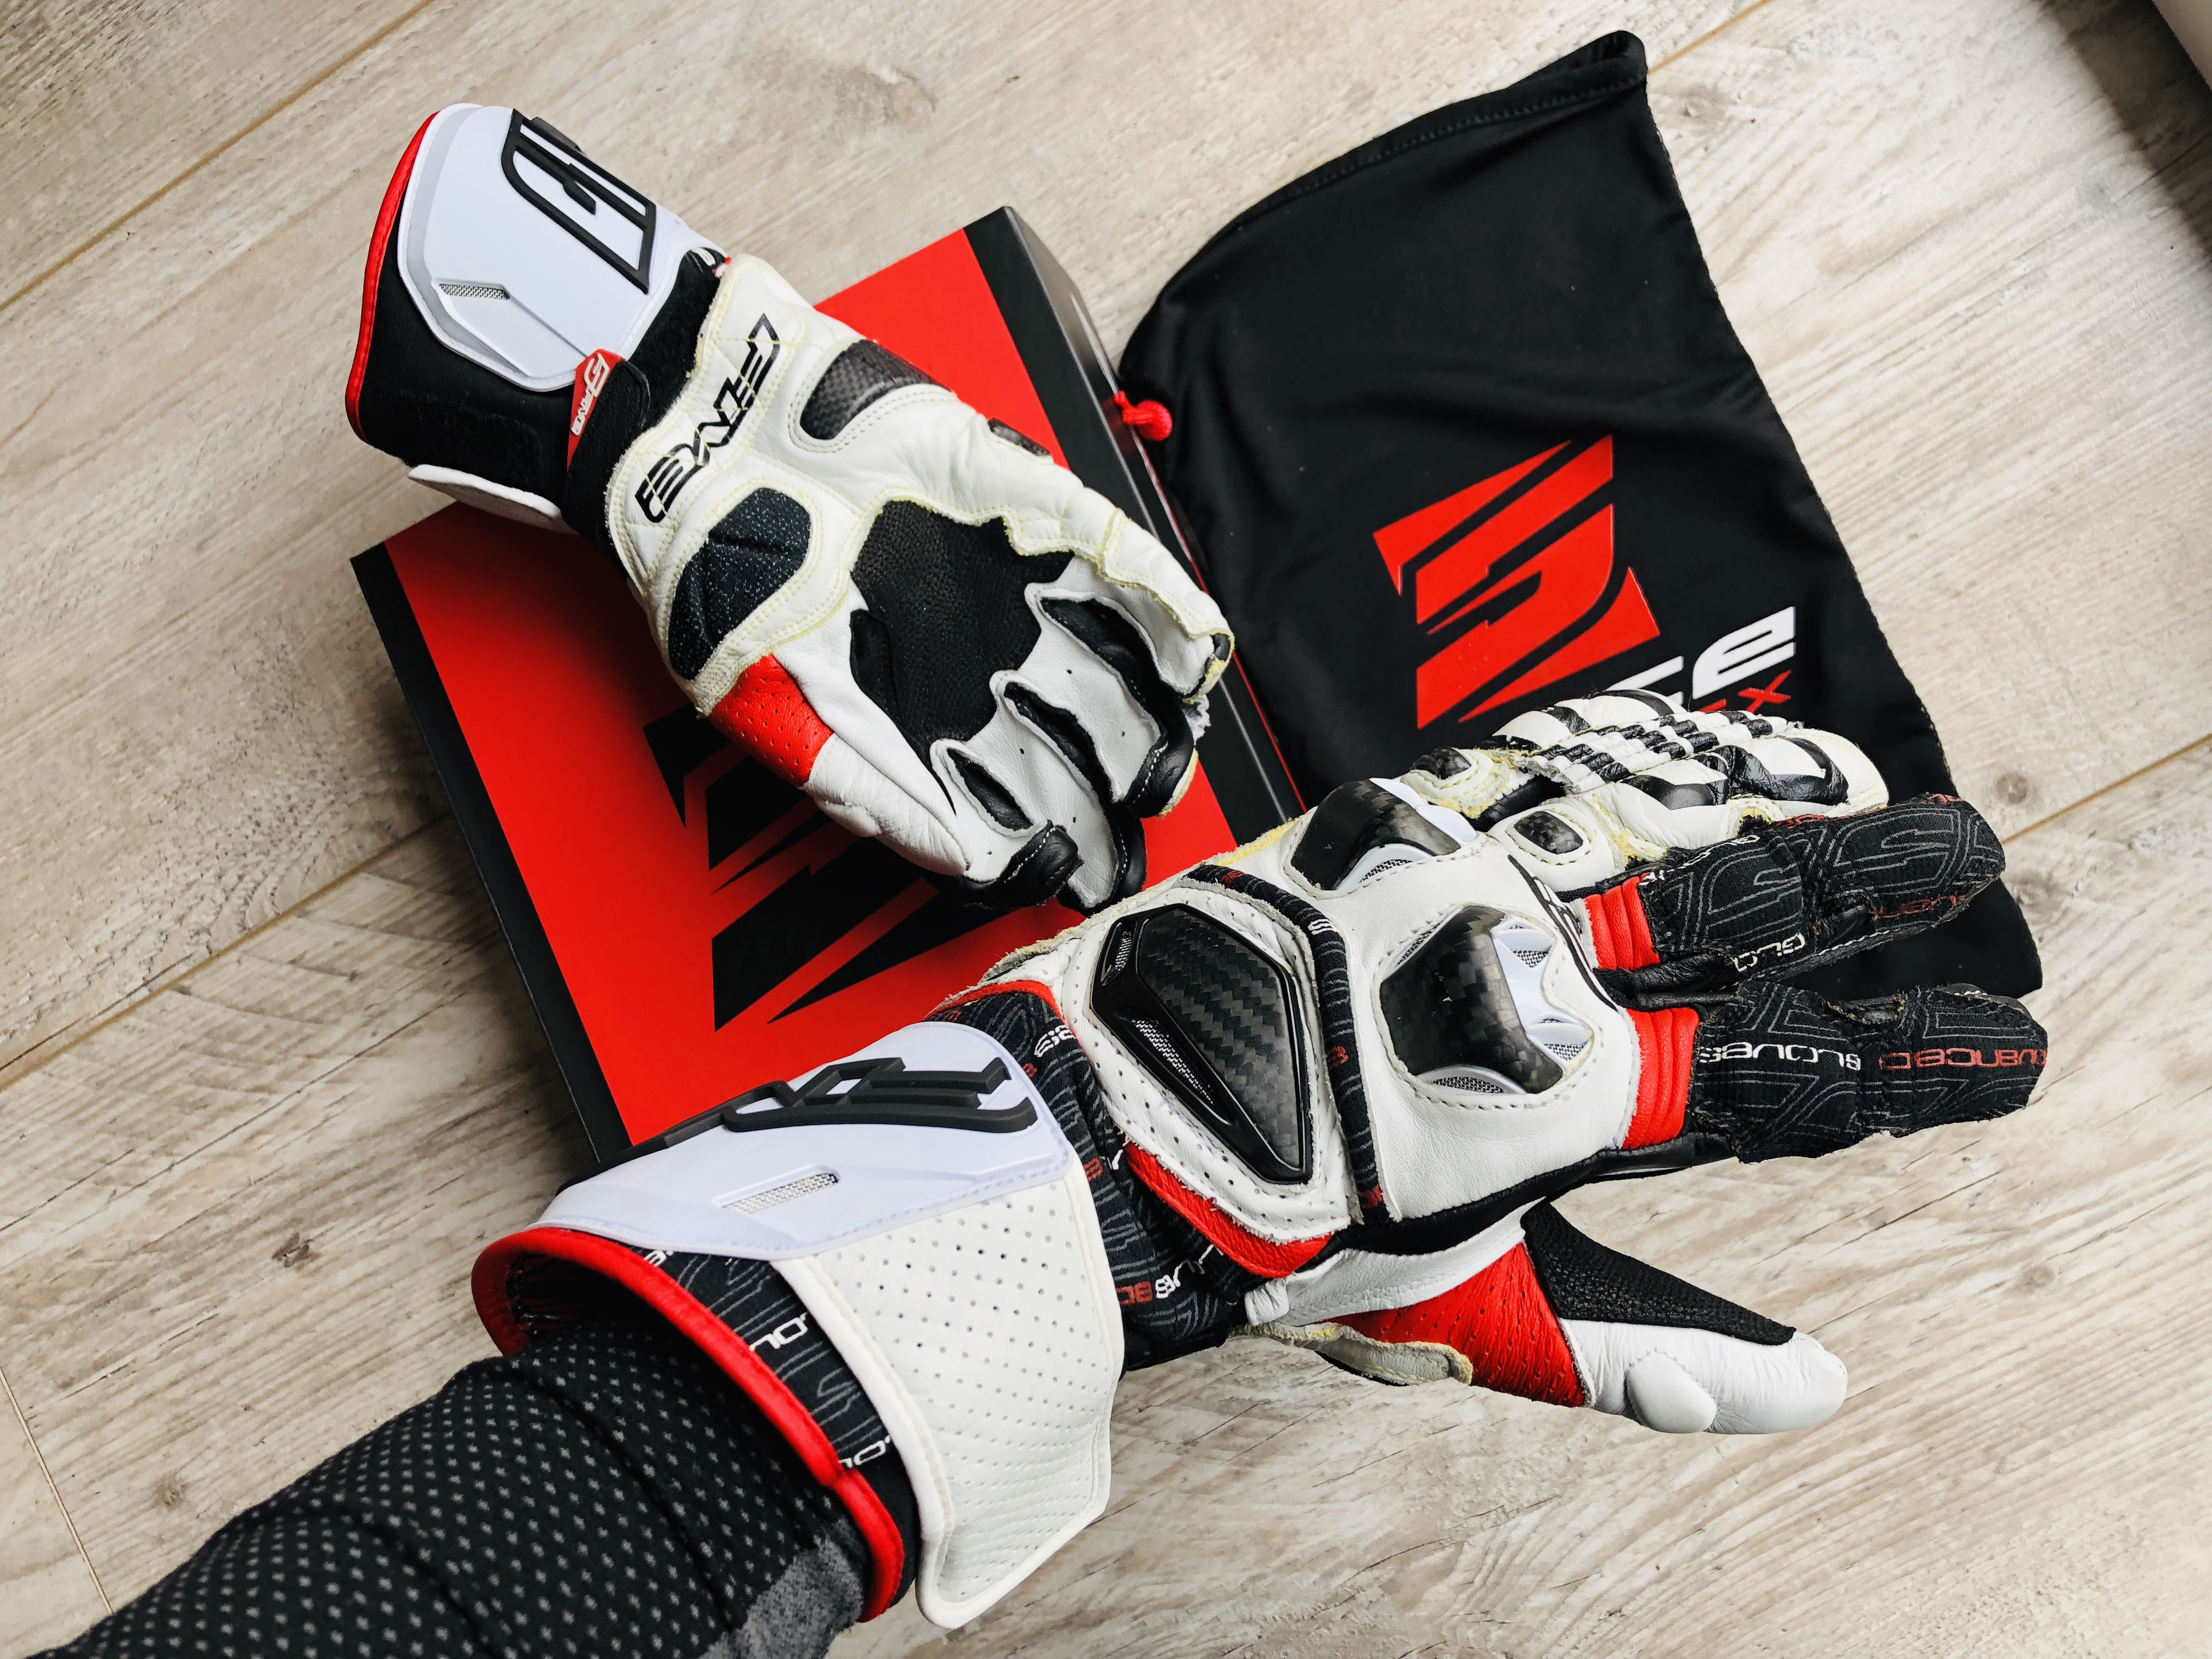 Essai des gants Five RFX Race